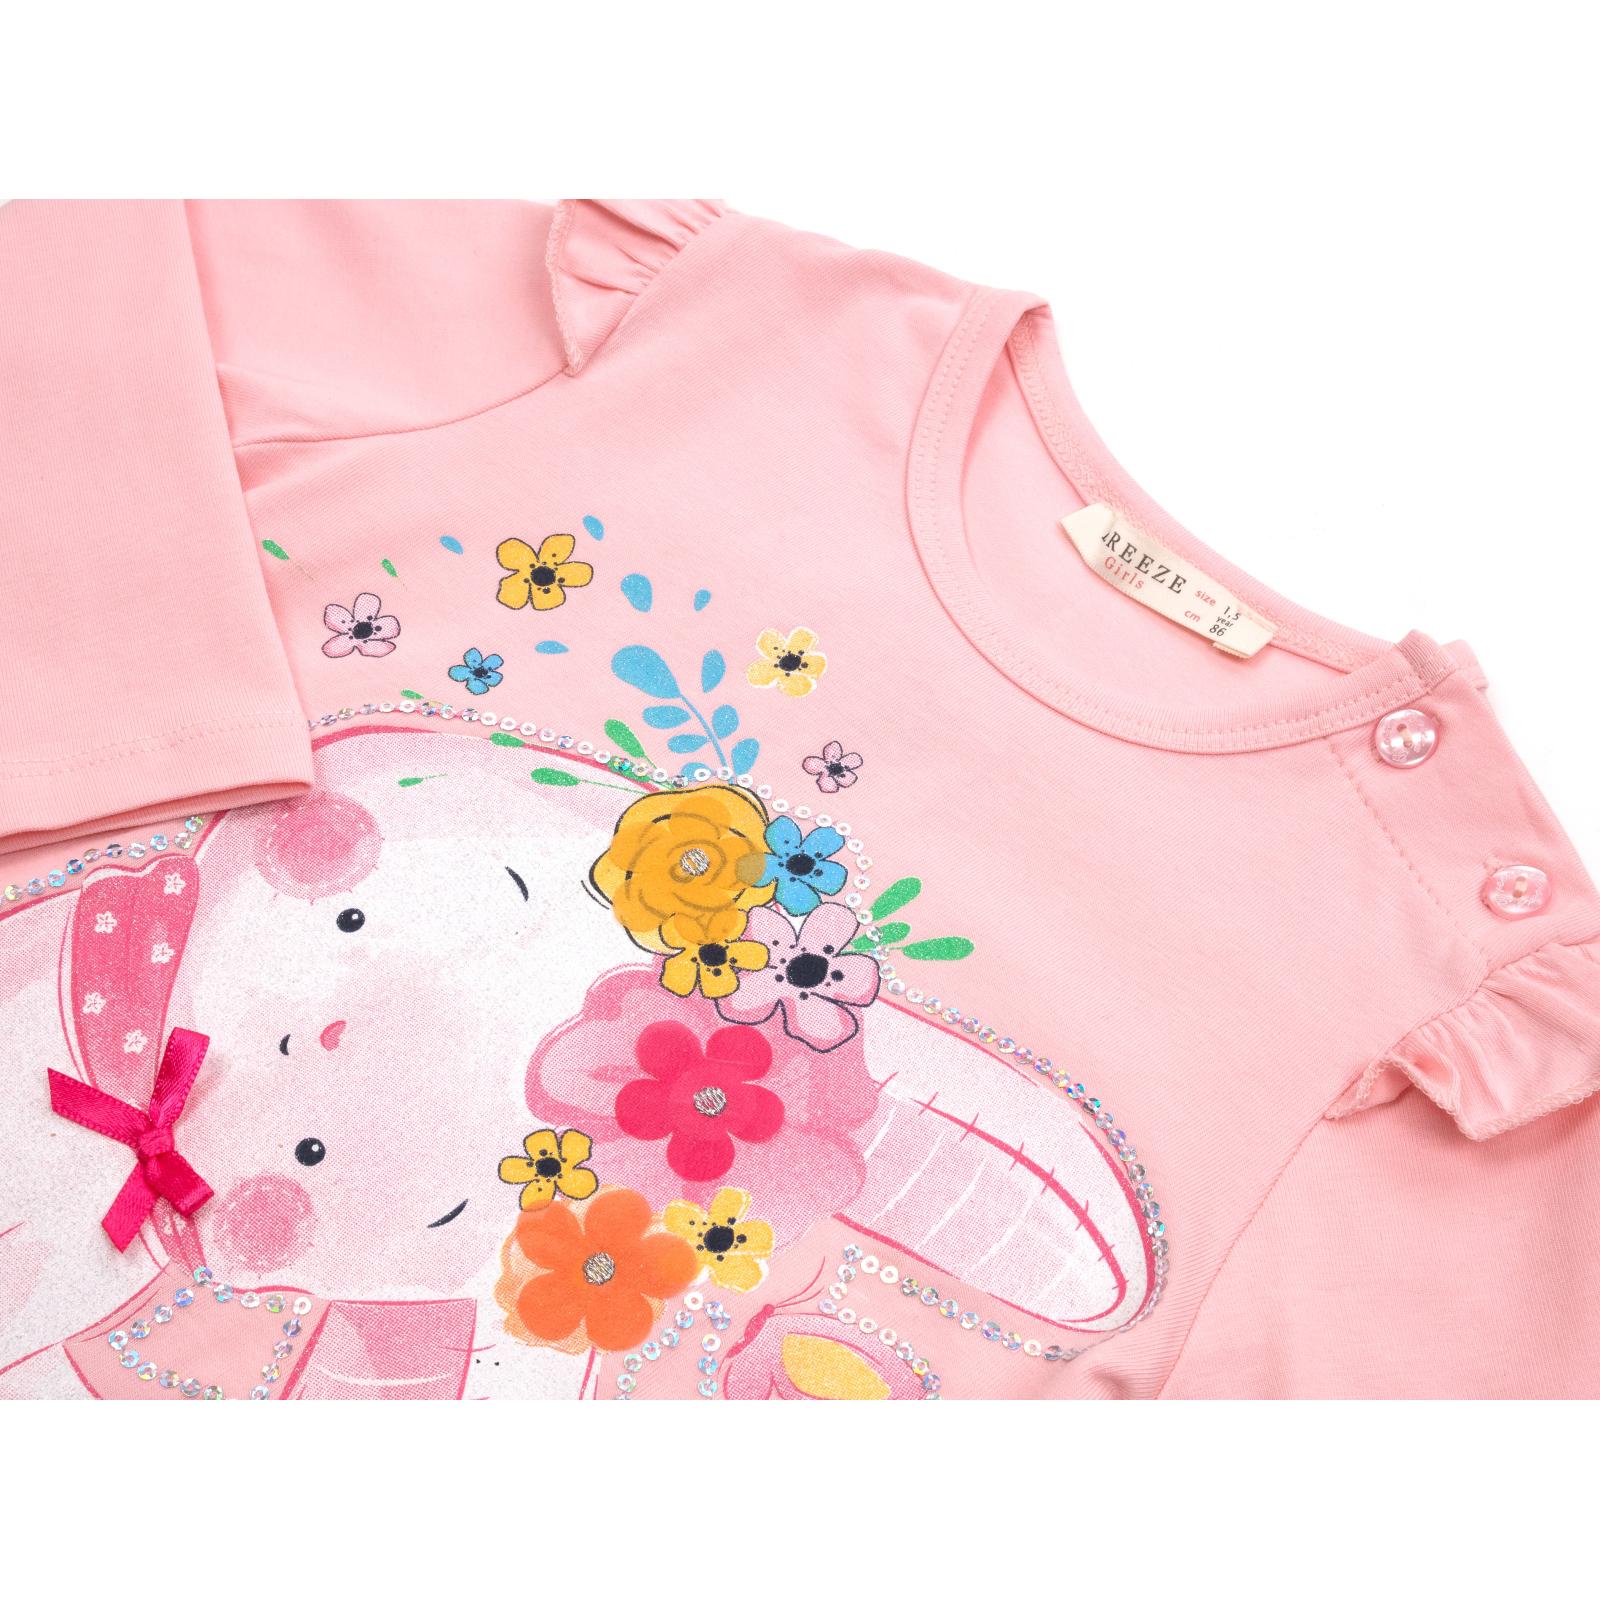 Набор детской одежды Breeze с зайчиком в цветах (13299-92G-pink) изображение 7